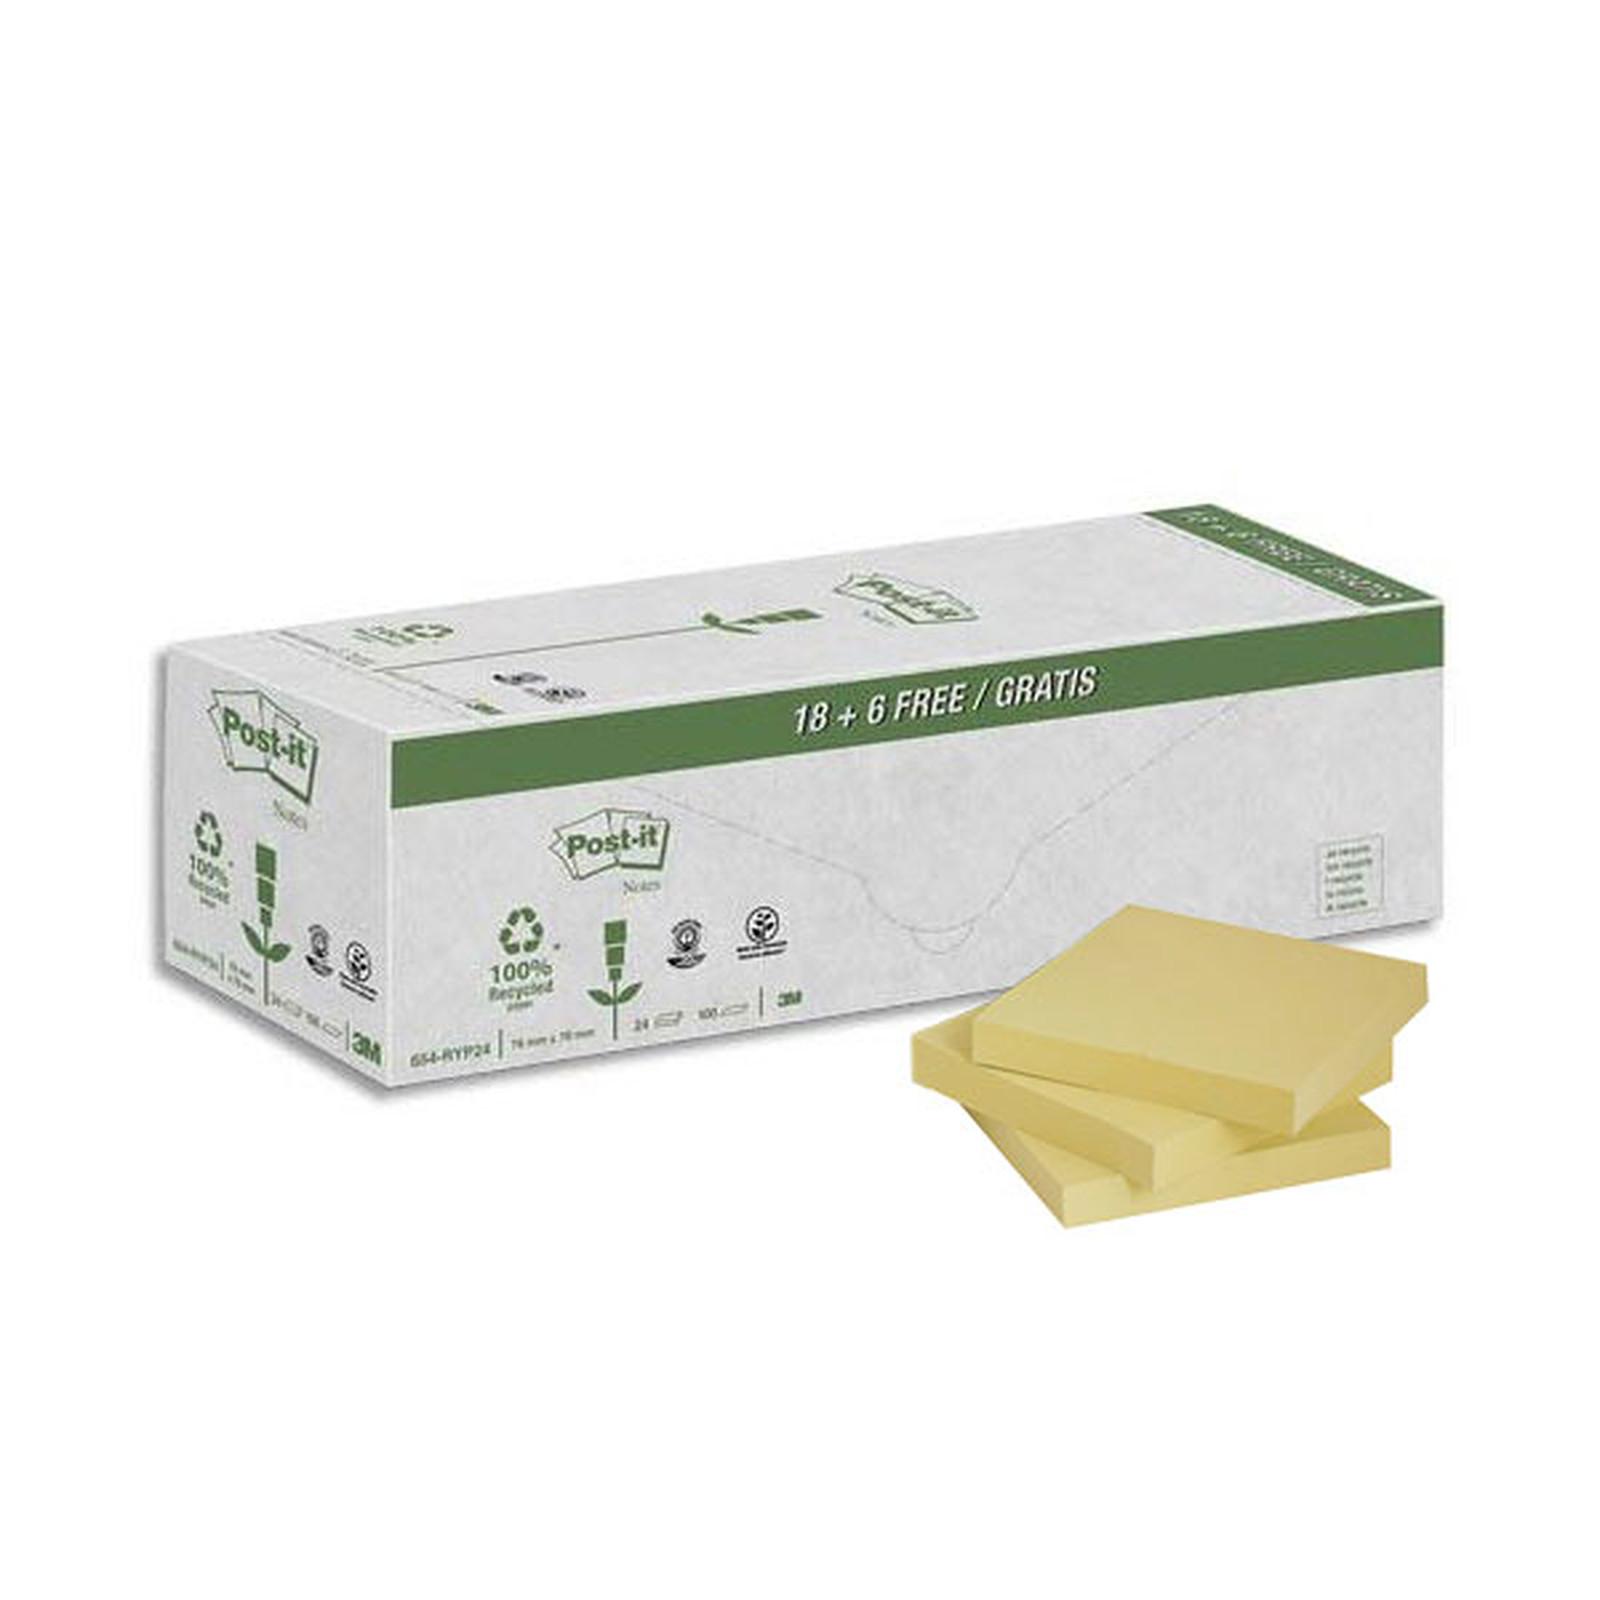 Post-it Pack avantages Notes 18 blocs de 100 feuillets 76 x 76 mm + 6 OFFERTS !